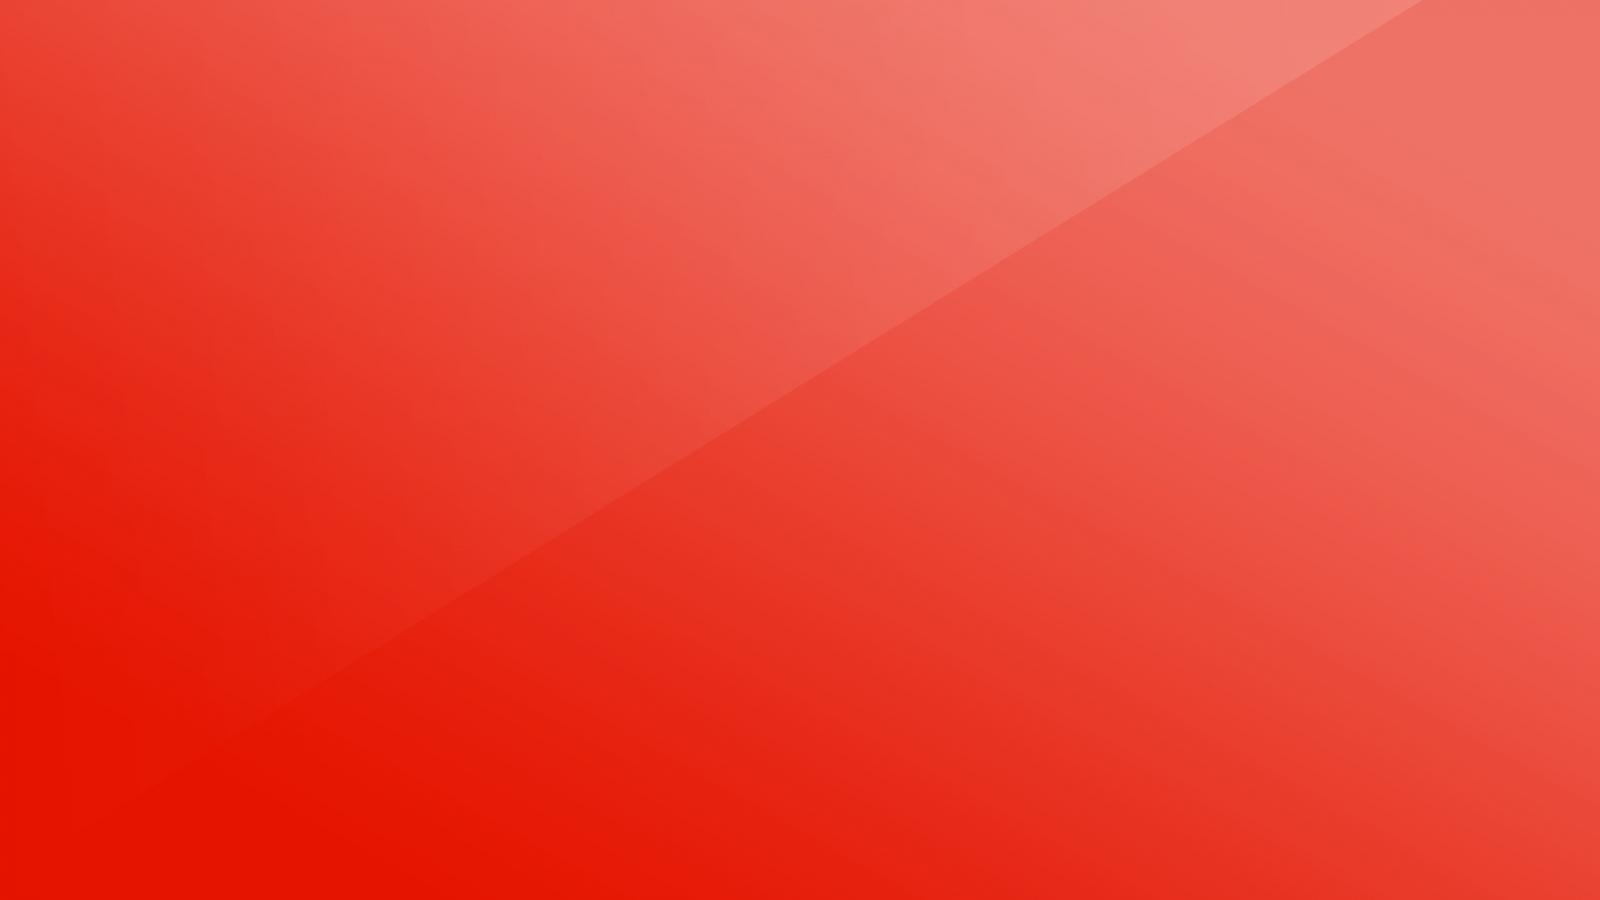 Fondo rojo - 1600x900